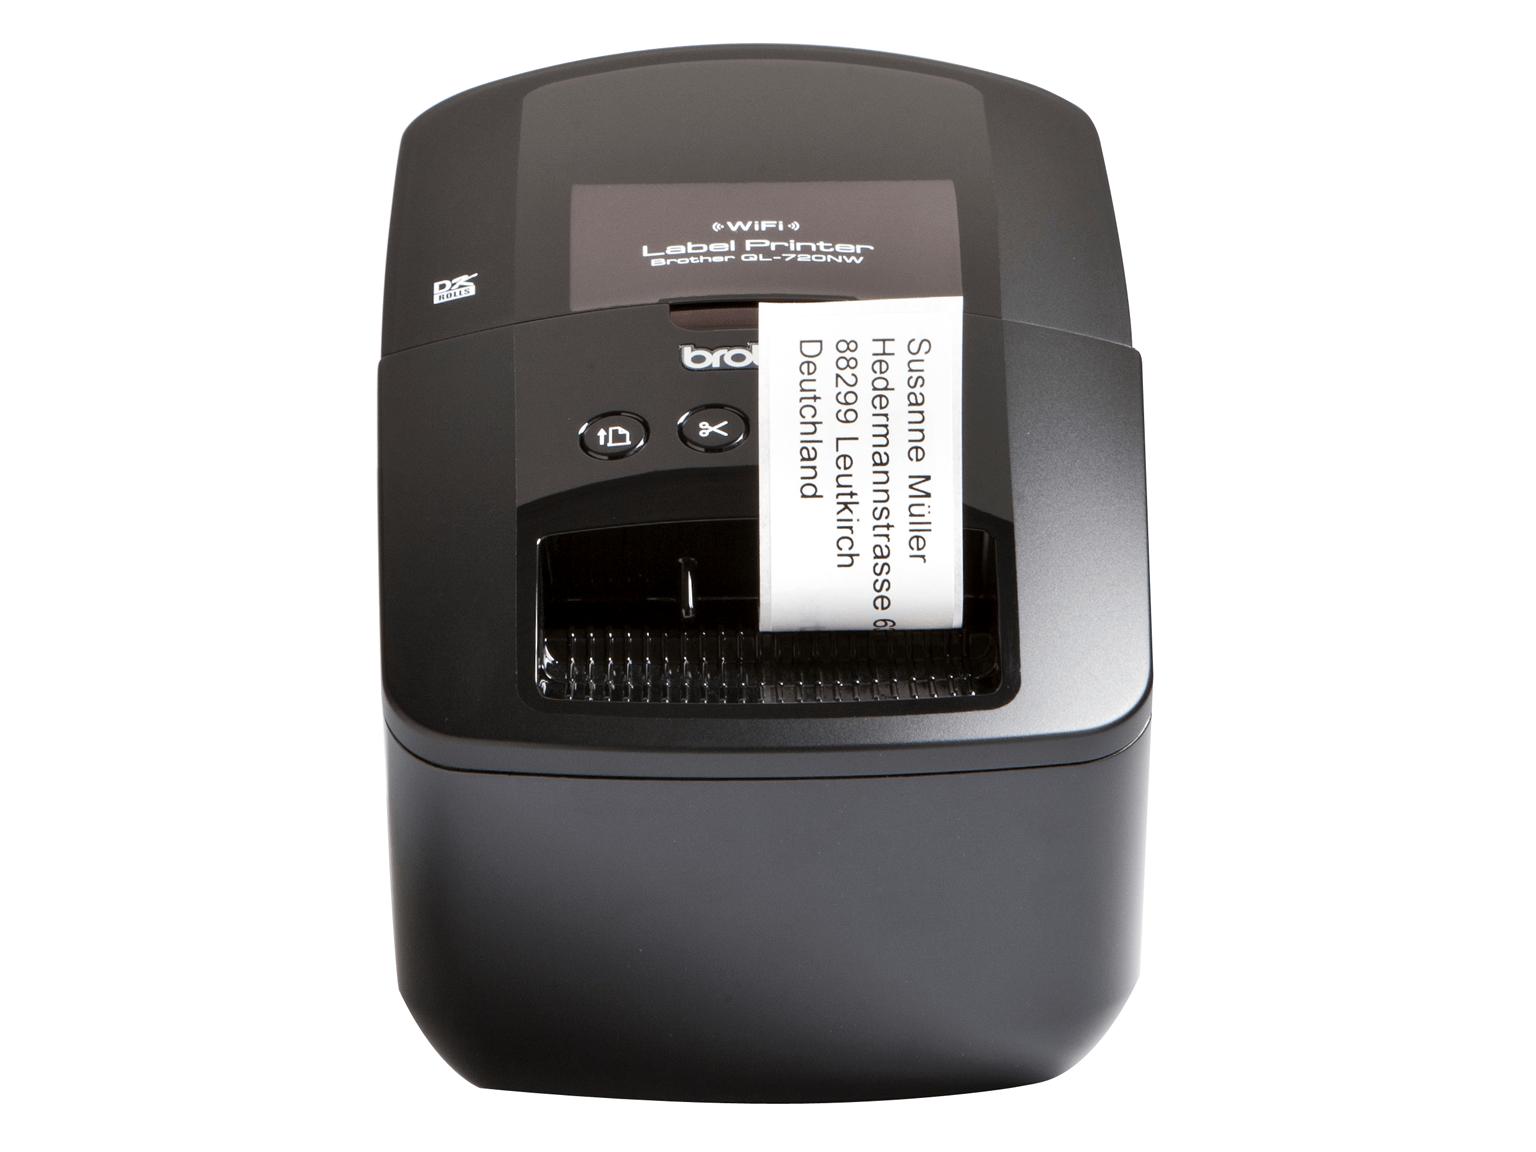 Brother QL-720NW Stampante di etichette di rete professionale con connessione wireless/cablata